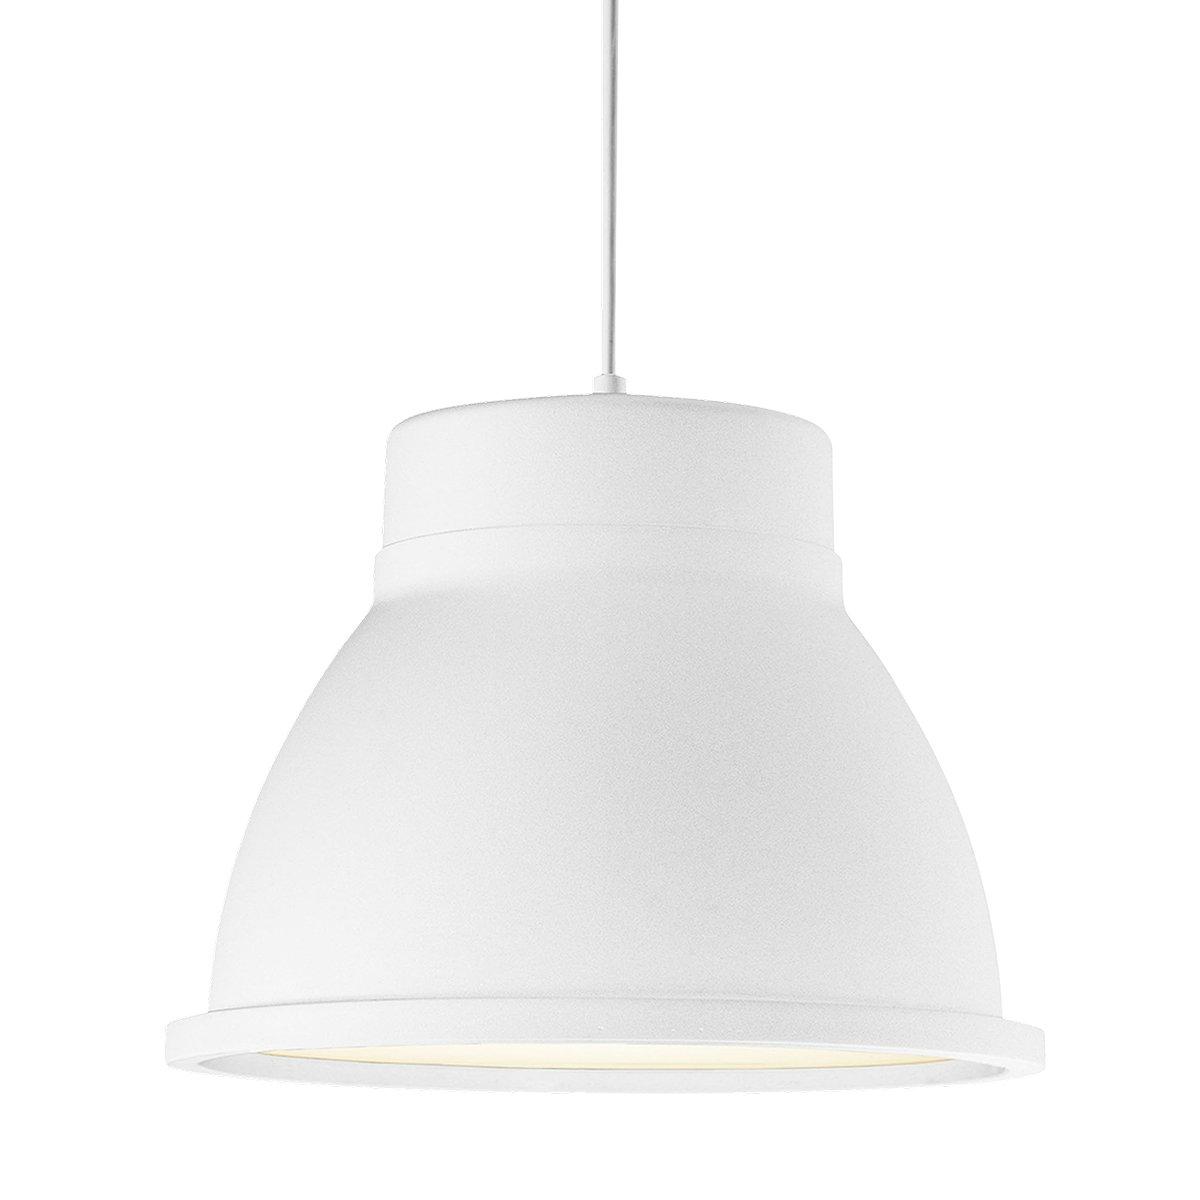 Muuto Studio Hanglamp Wit